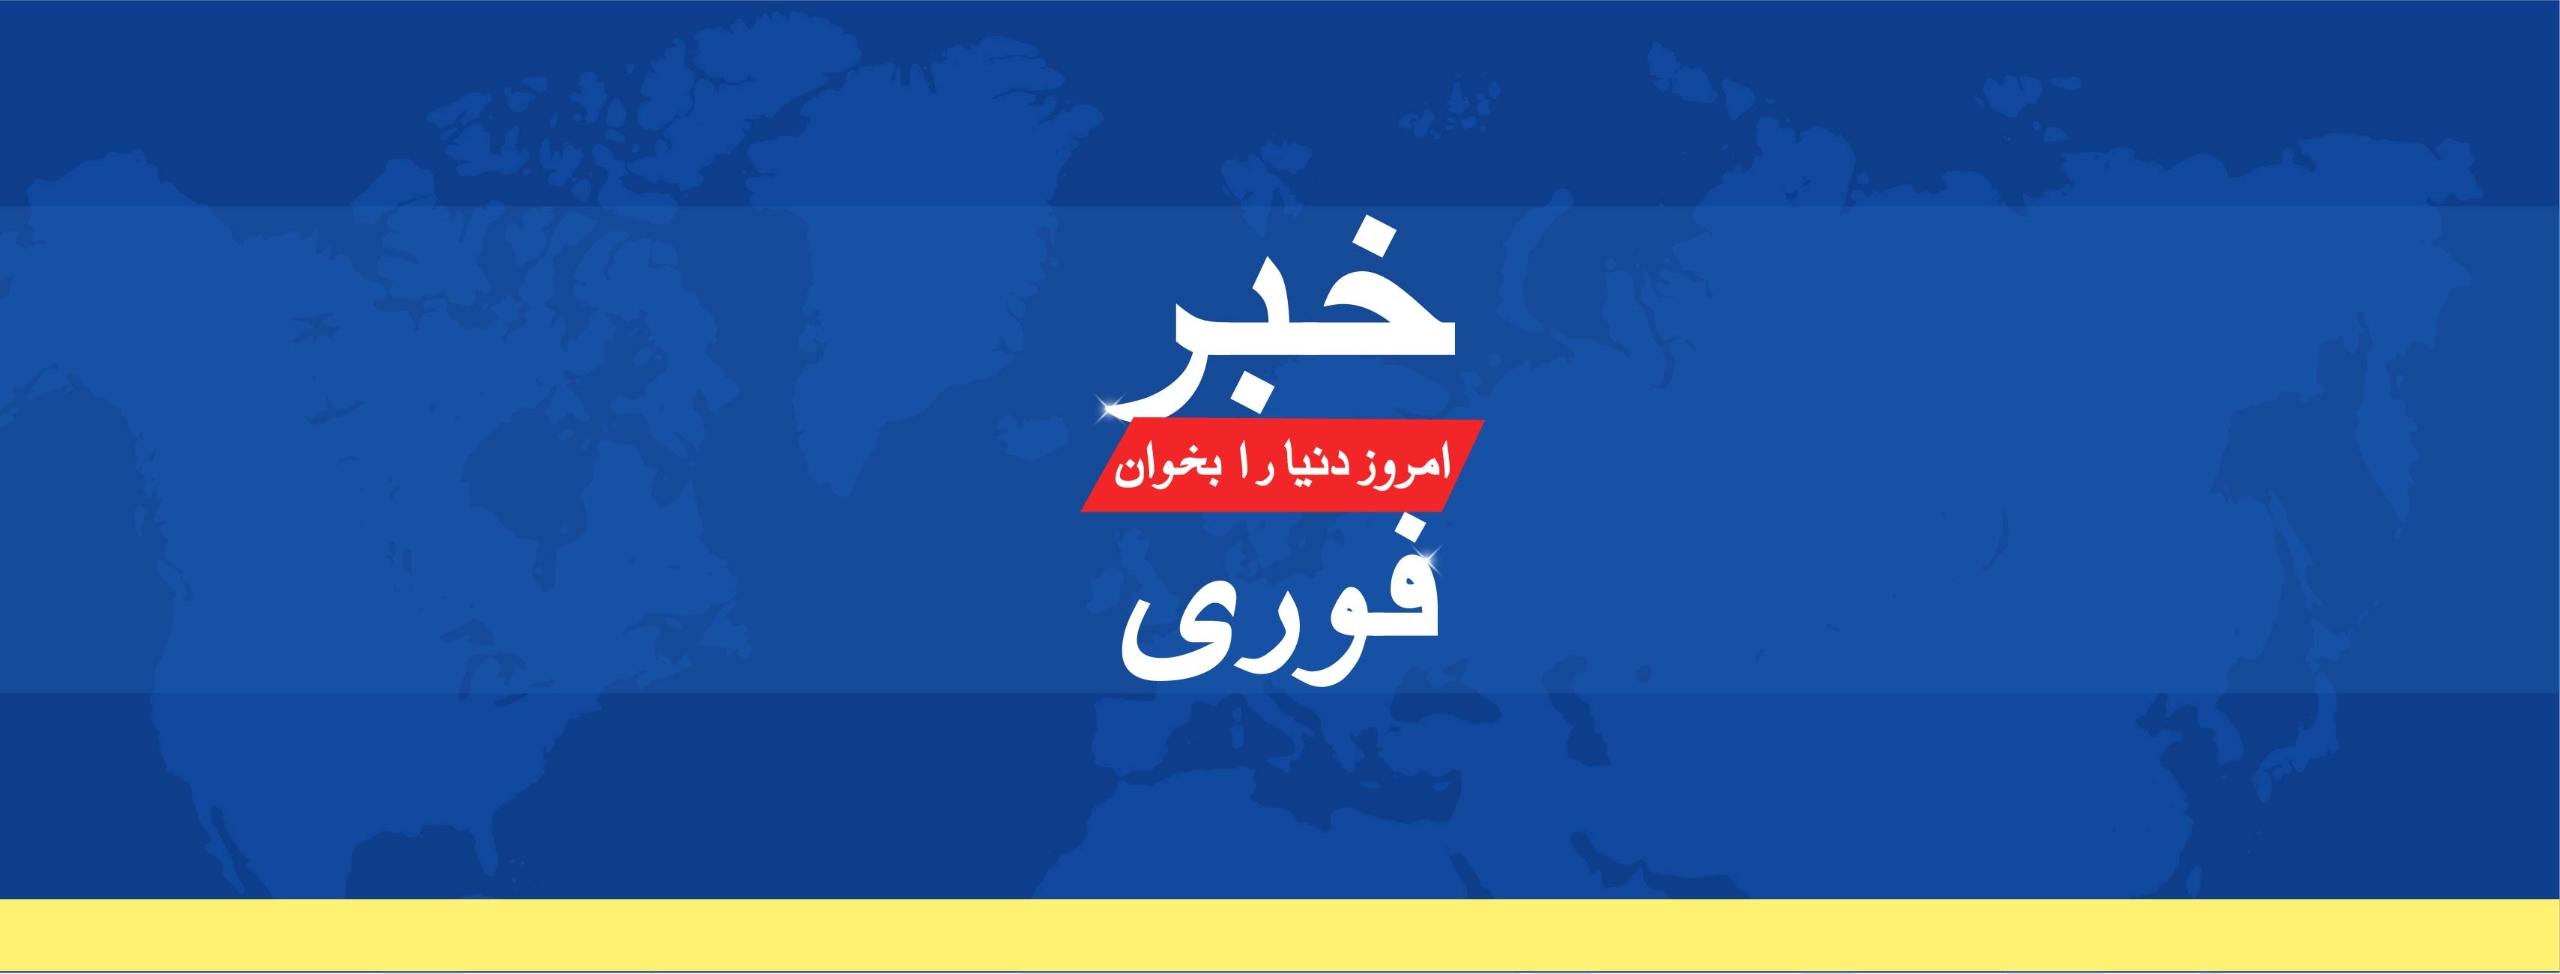 عدالت دورهُ سوم (@edalat) Cover Image